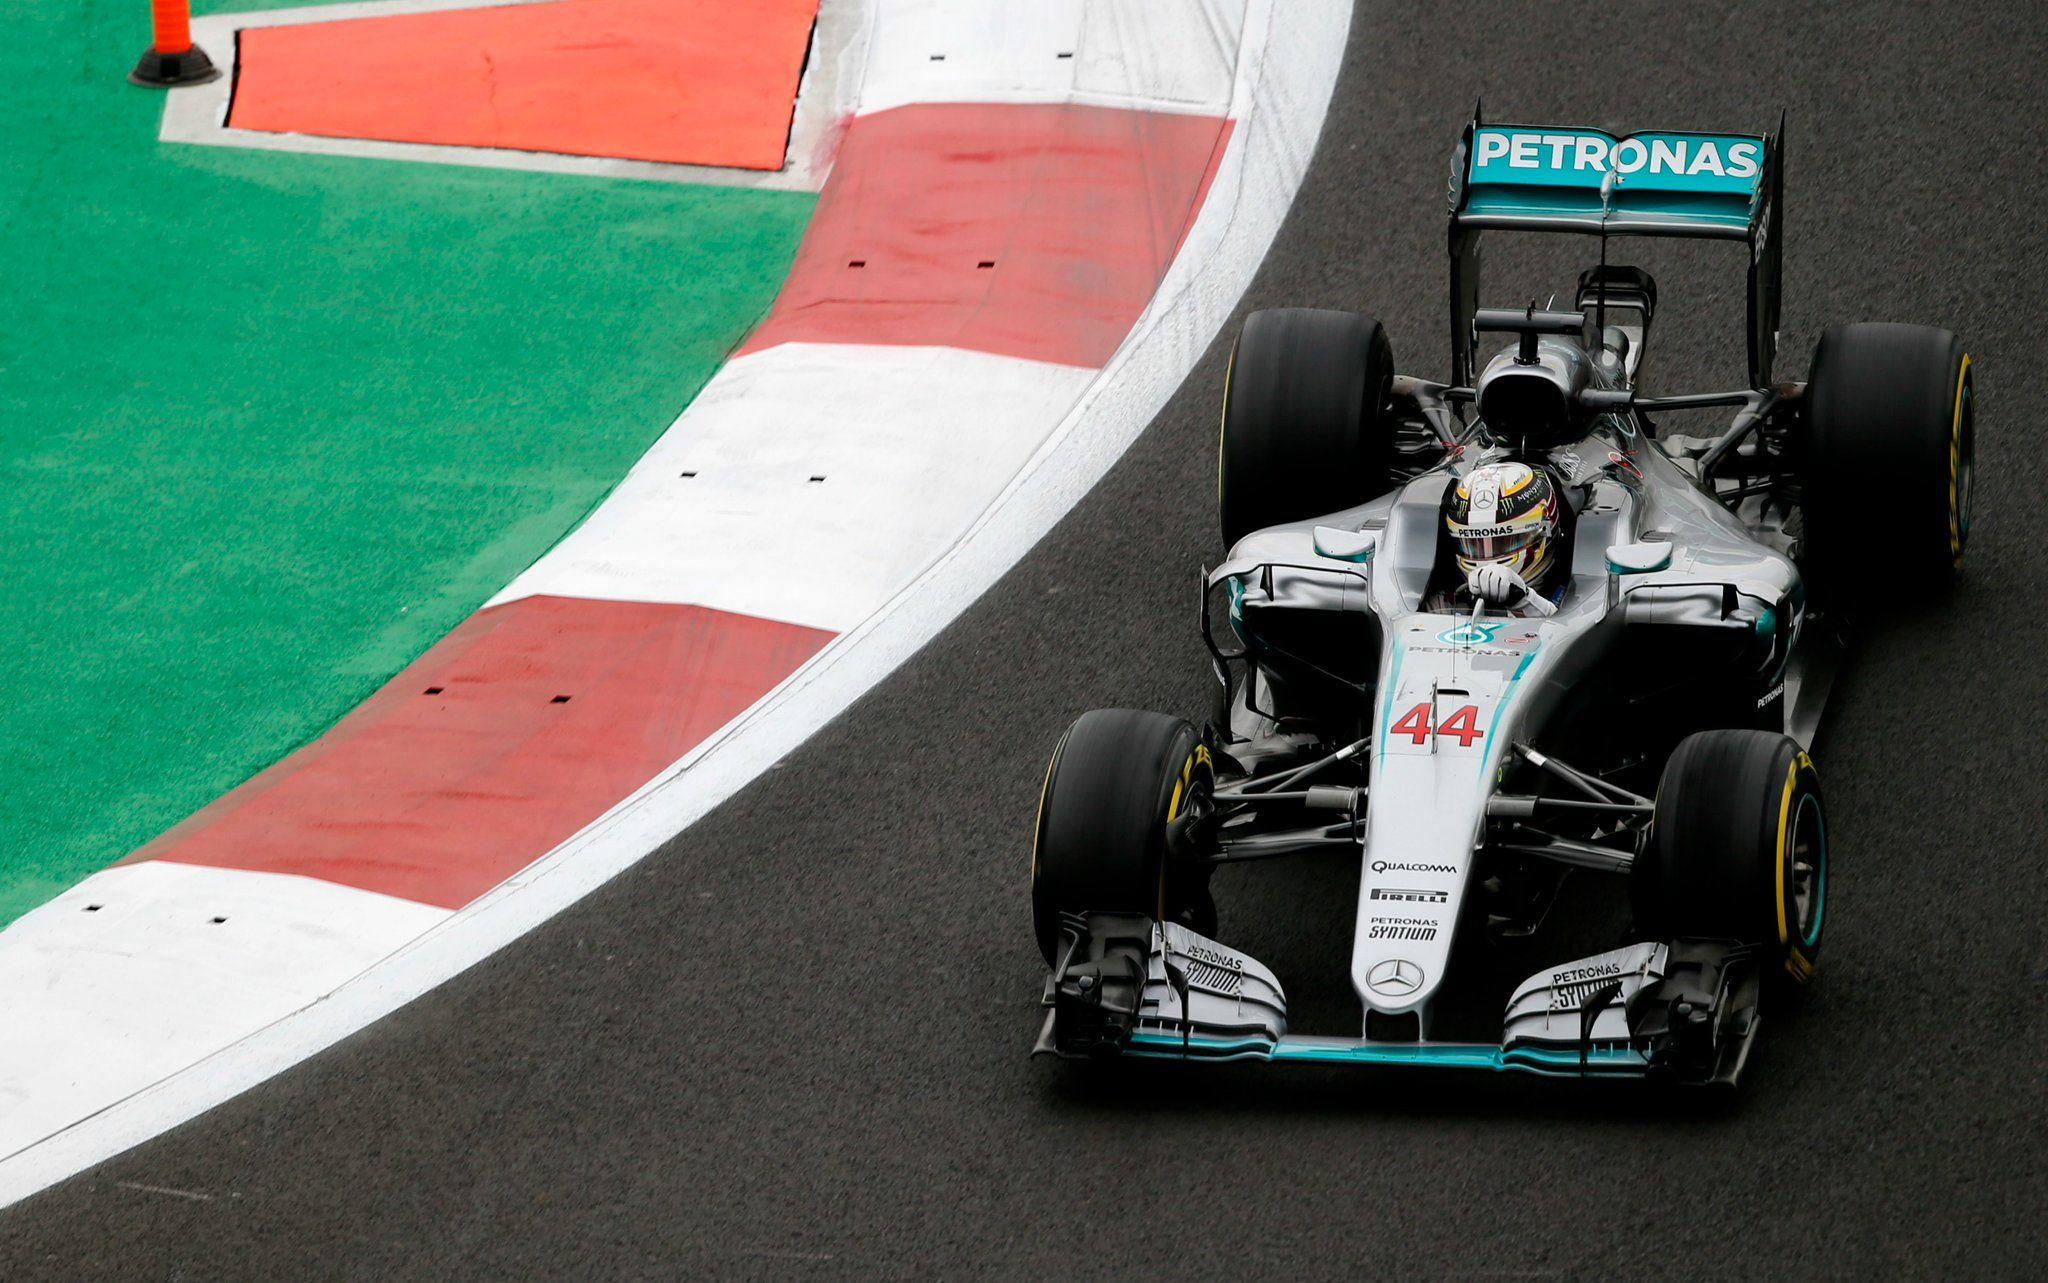 Ancora una pole position per Lewis Hamilton, il migliore nelle qualifiche di CIttà del Messico (foto da: gazetaesportiva.com)